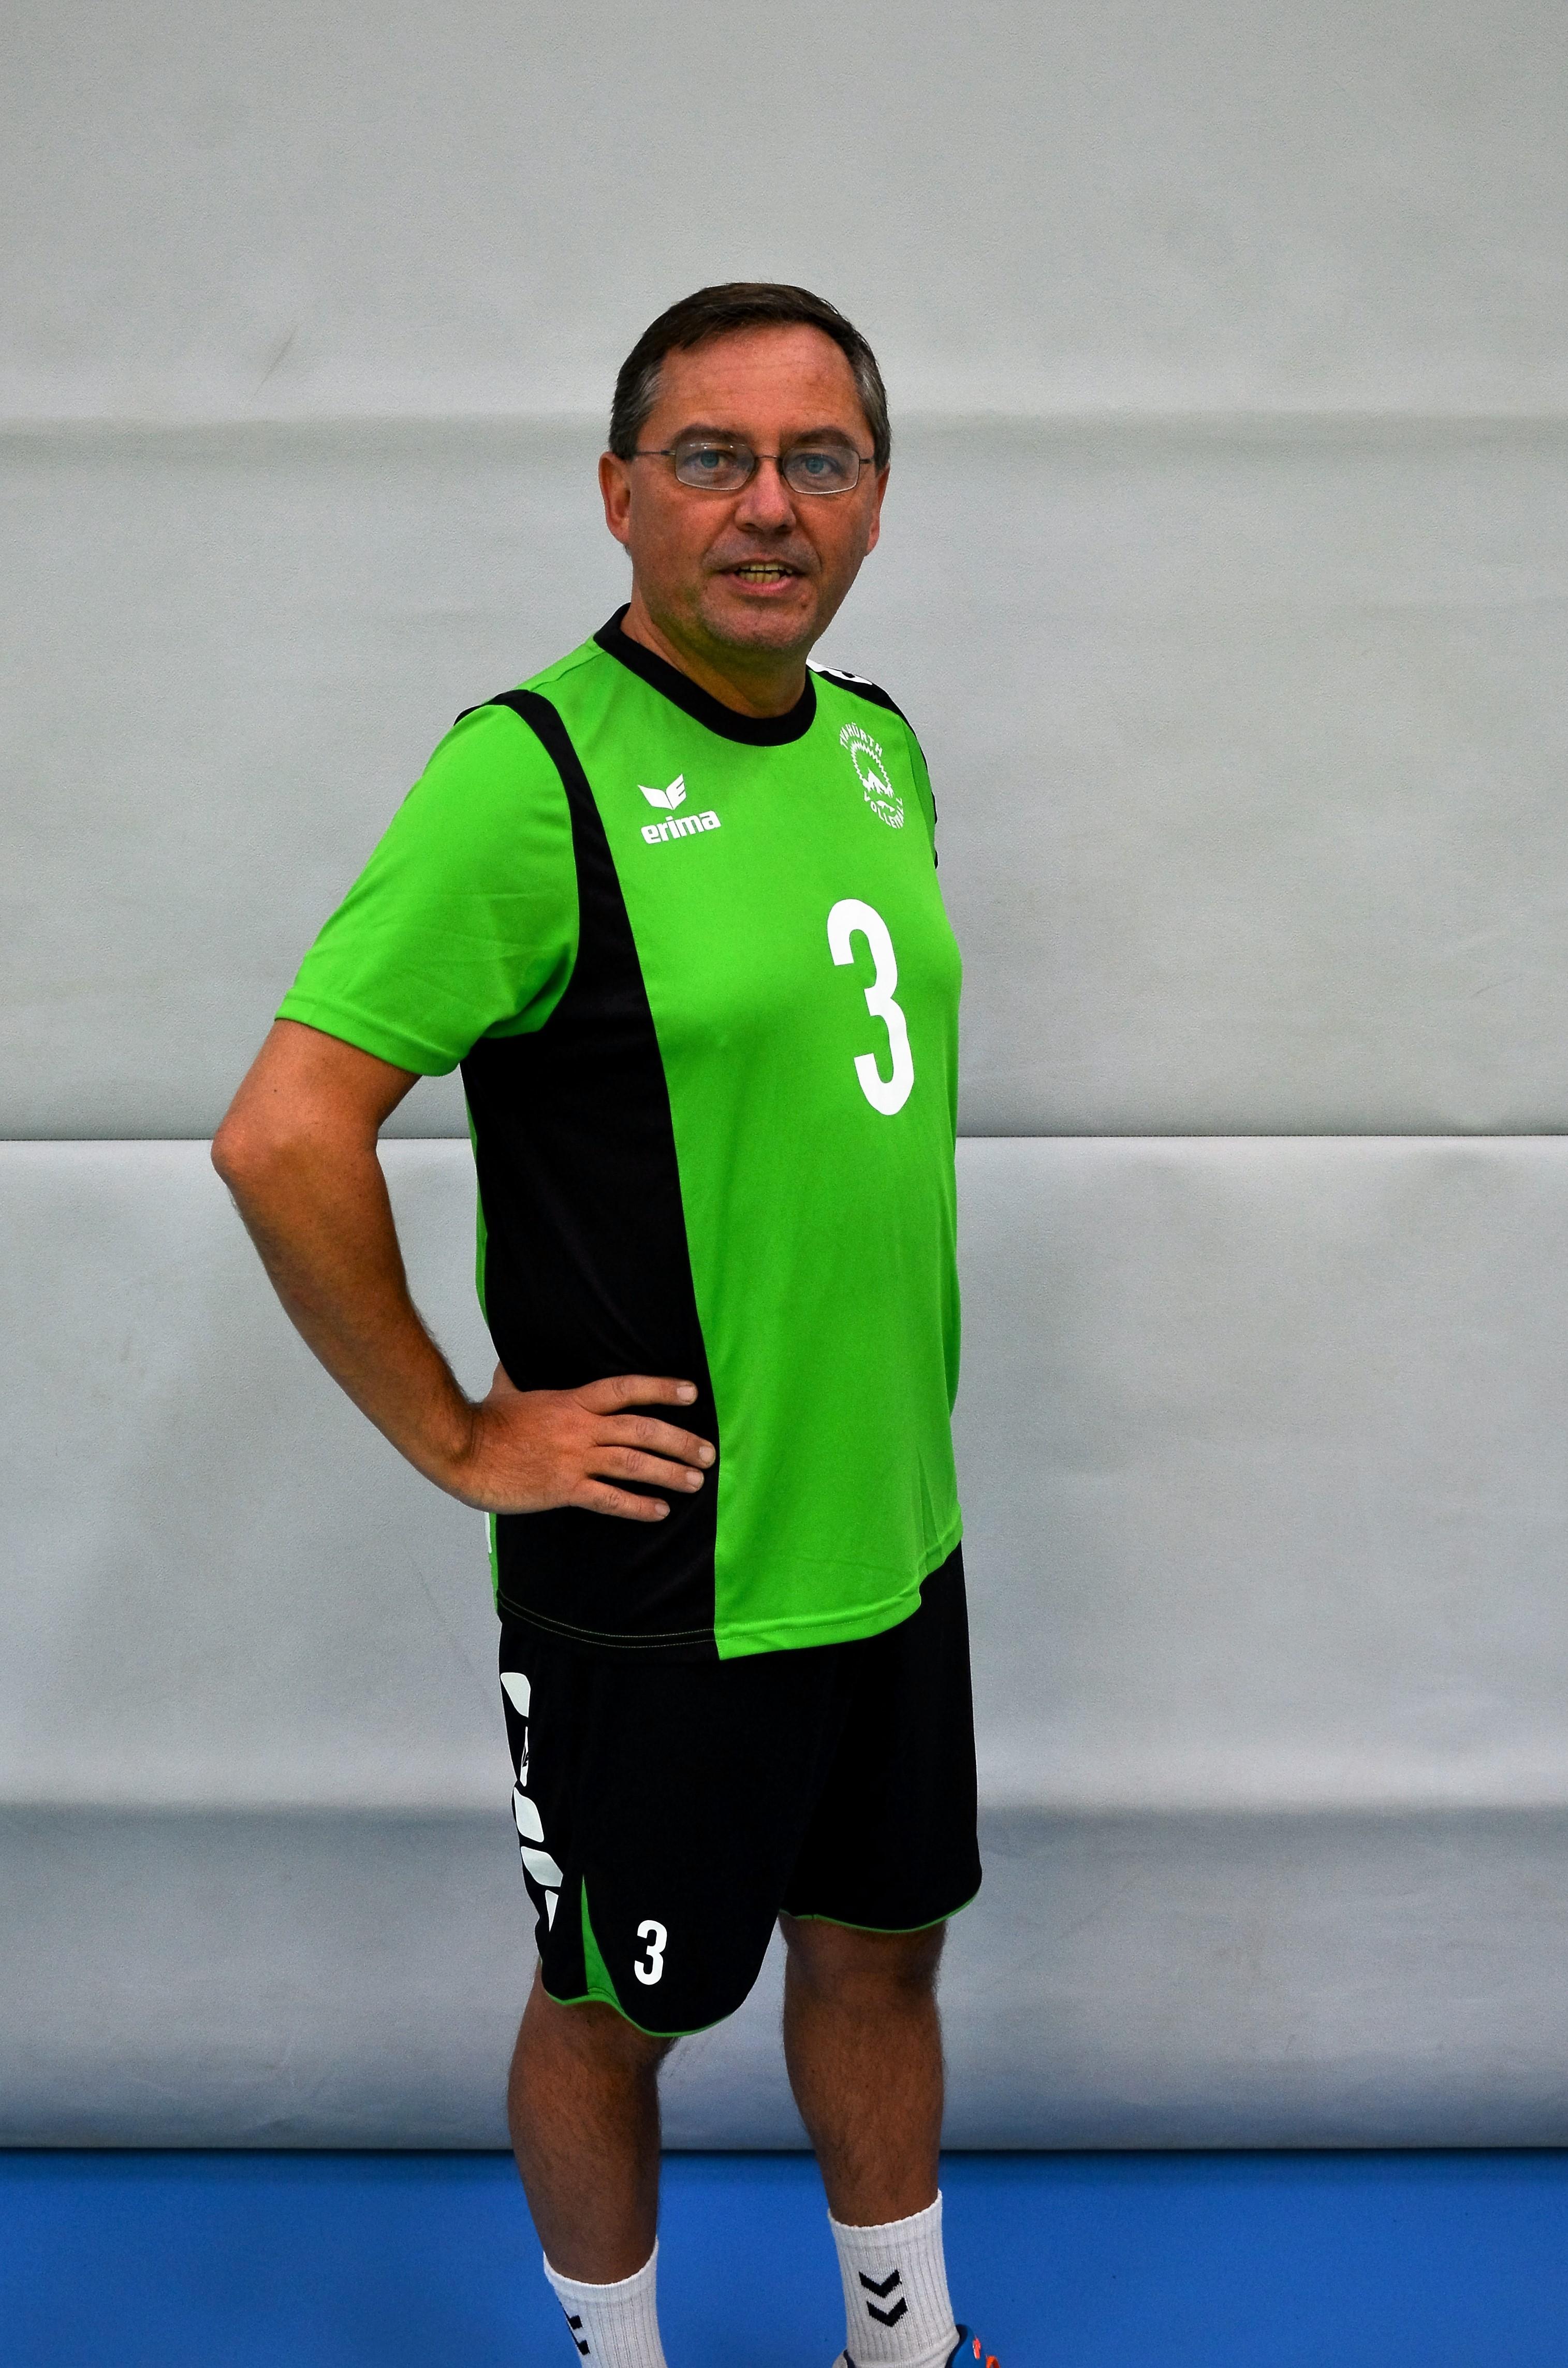 Markus Burda